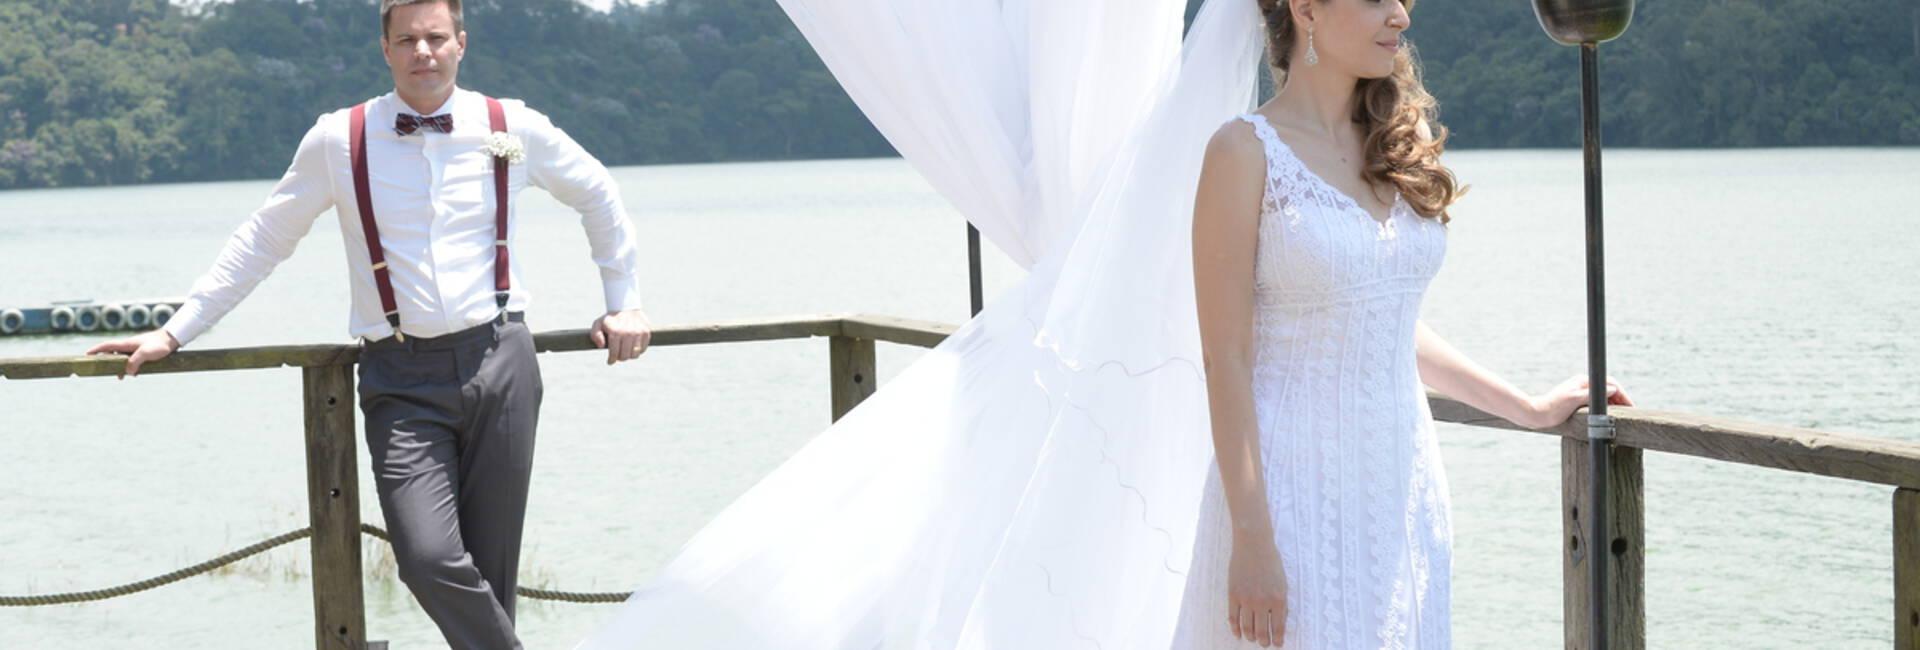 Casamento Pier Recanto Santa Rita de Marcio e Maíra